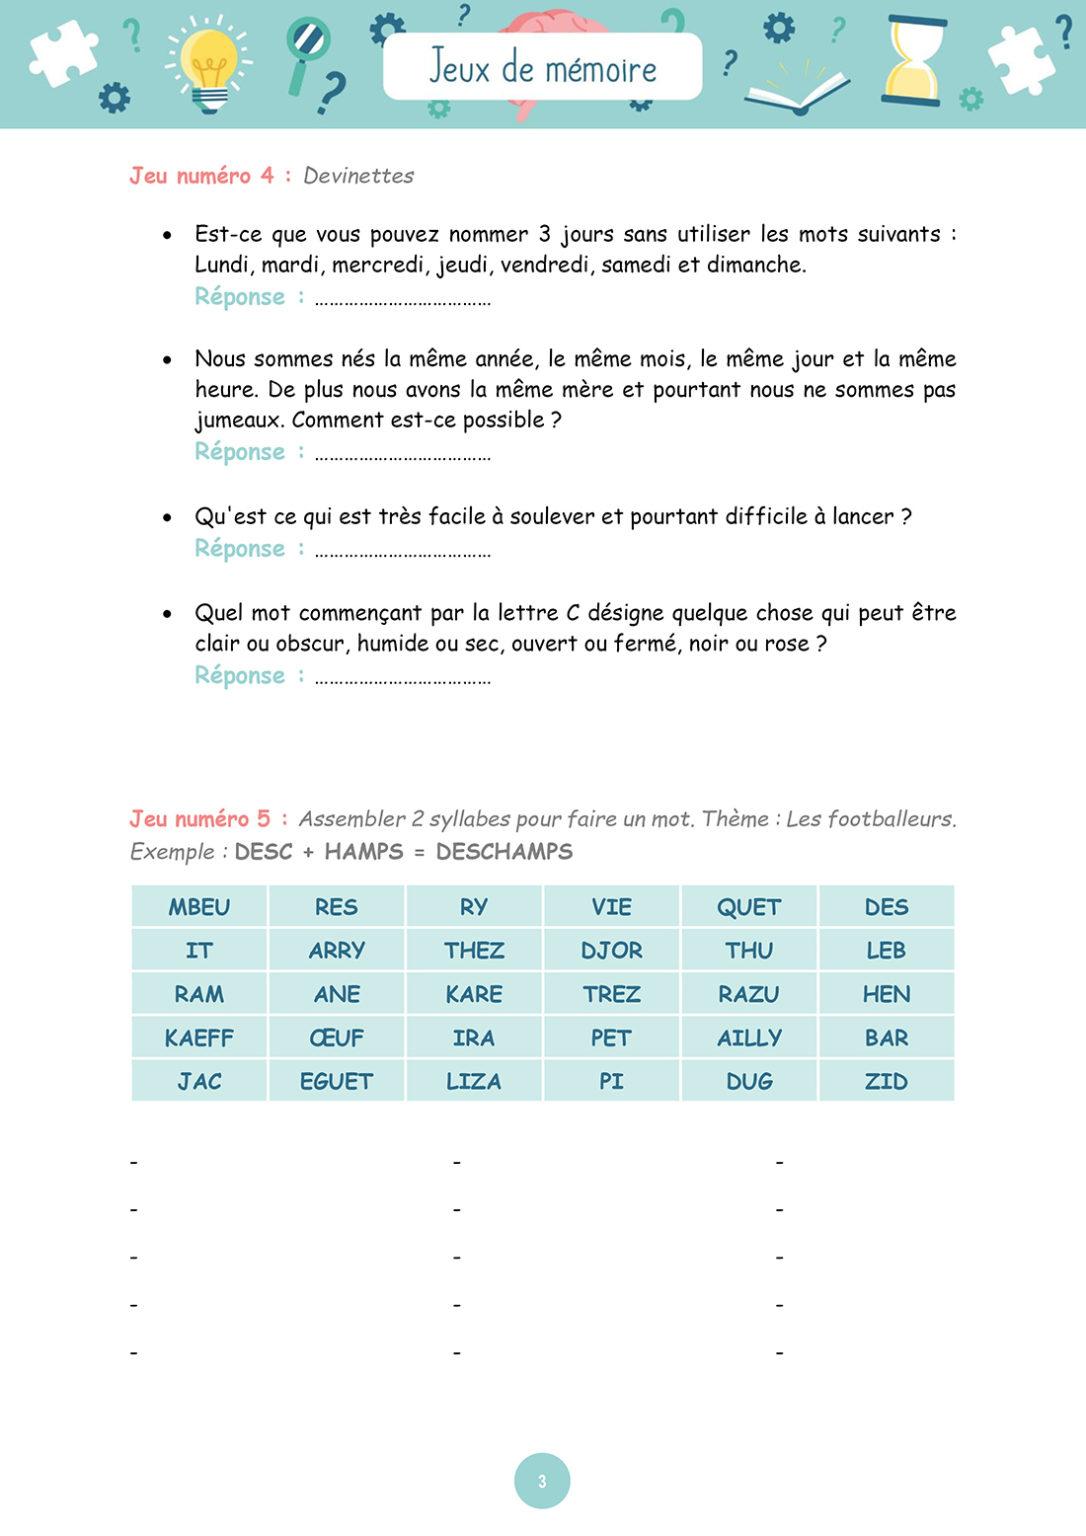 Jeux de mémoire - Mardi 11 mai 2021 - Page 3